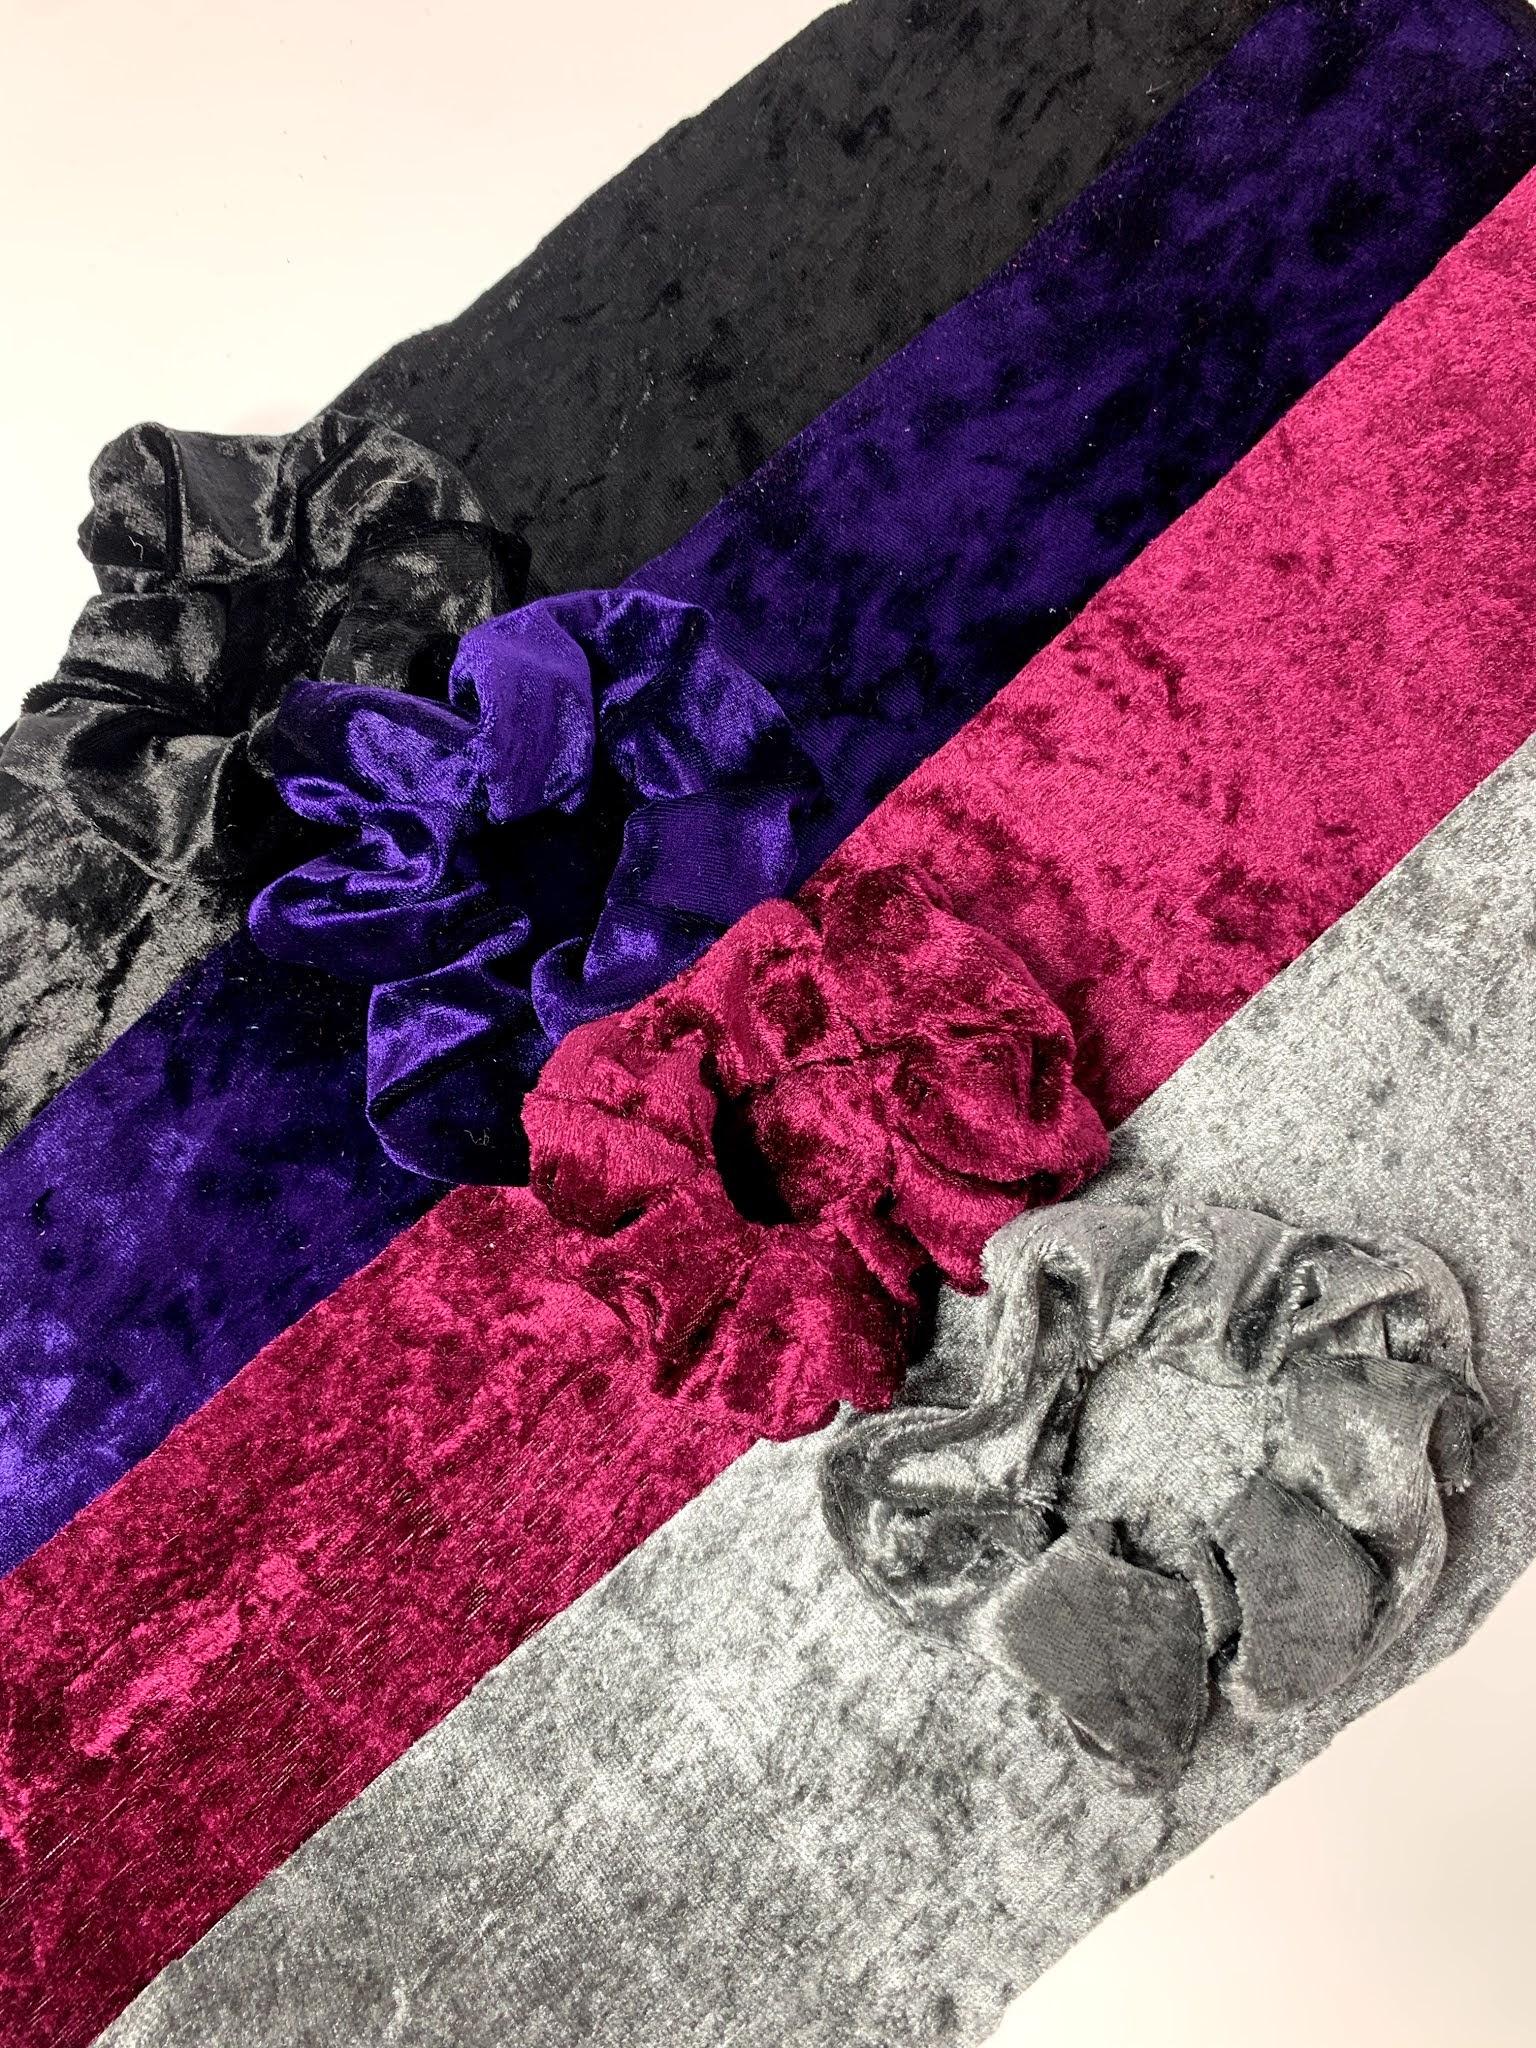 Sammi's Scrunchies Velvet Scrunchies Lined Up